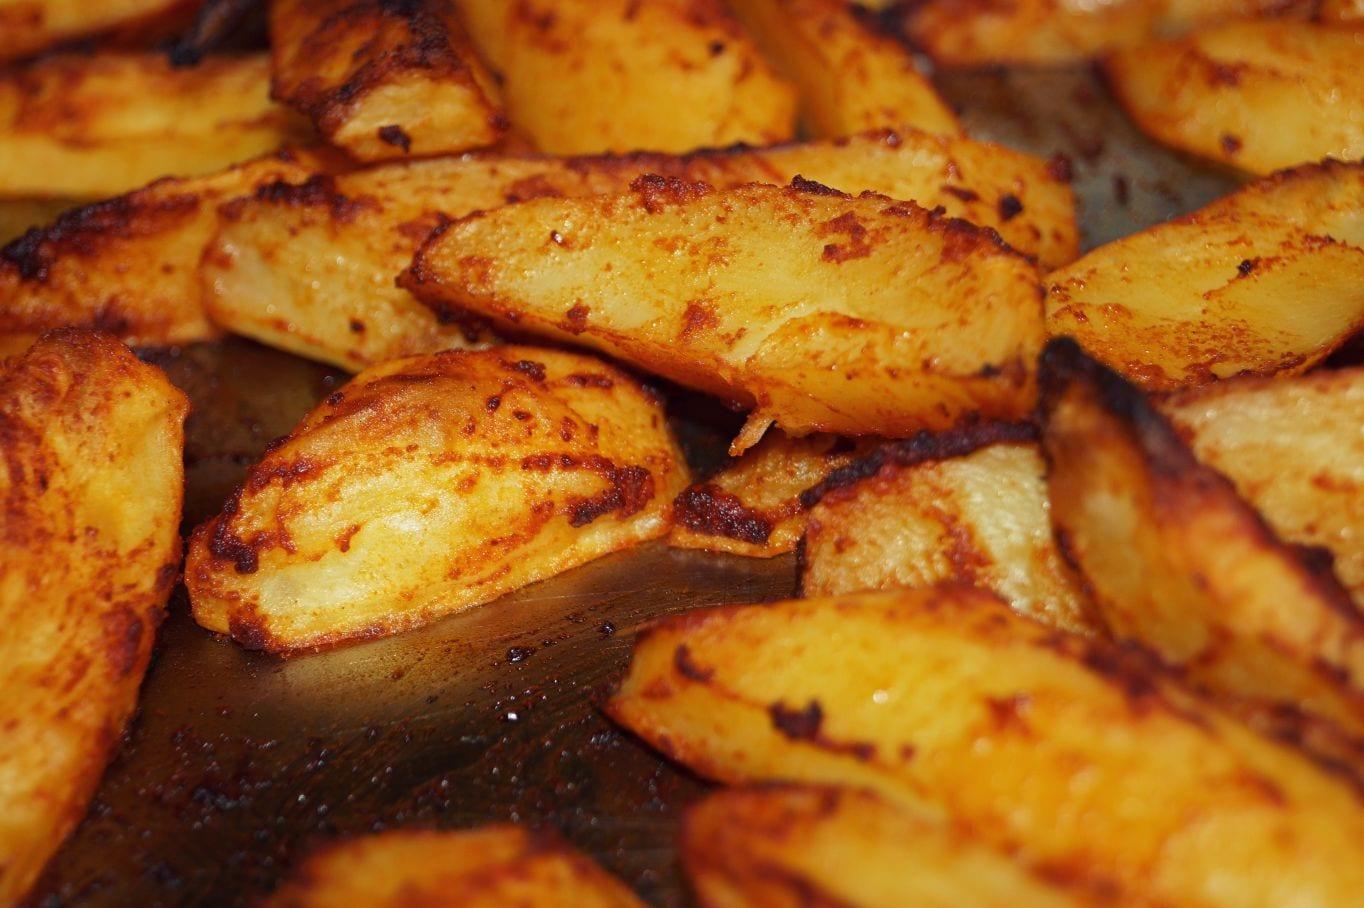 Roast potatoes also contain vitamin B as well as vitamin C which helps iron reach hair follicles